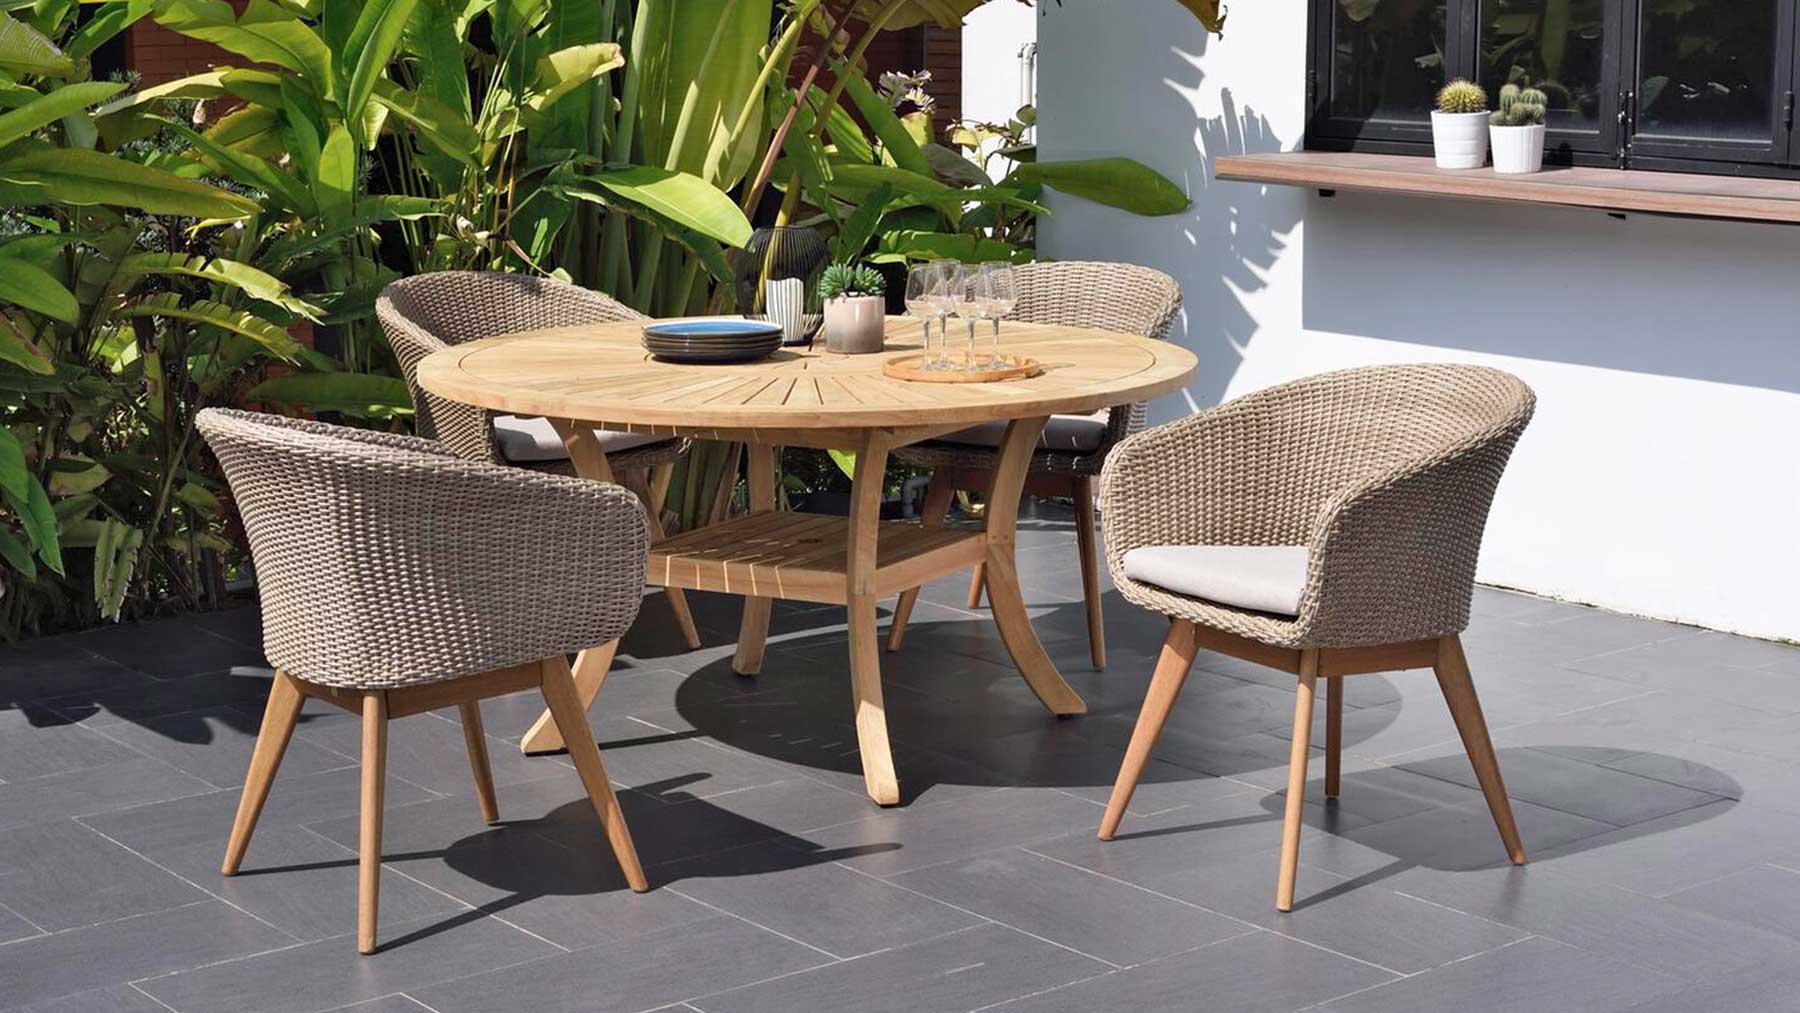 Gartenmöbel aus Holz vier Stühle und ein Tisch